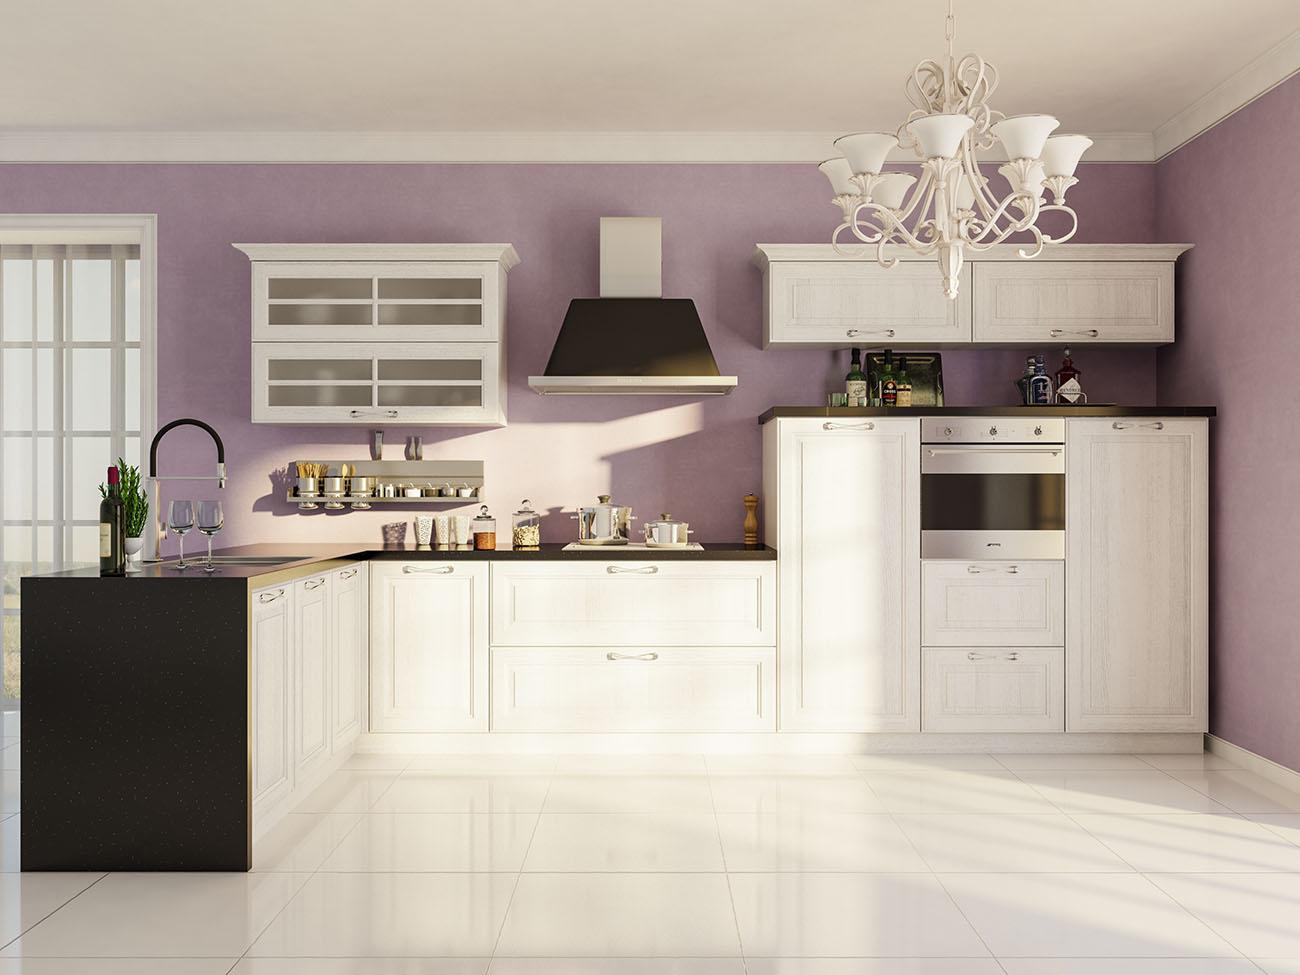 küche weiß moderne landhausküche einbauküche l form